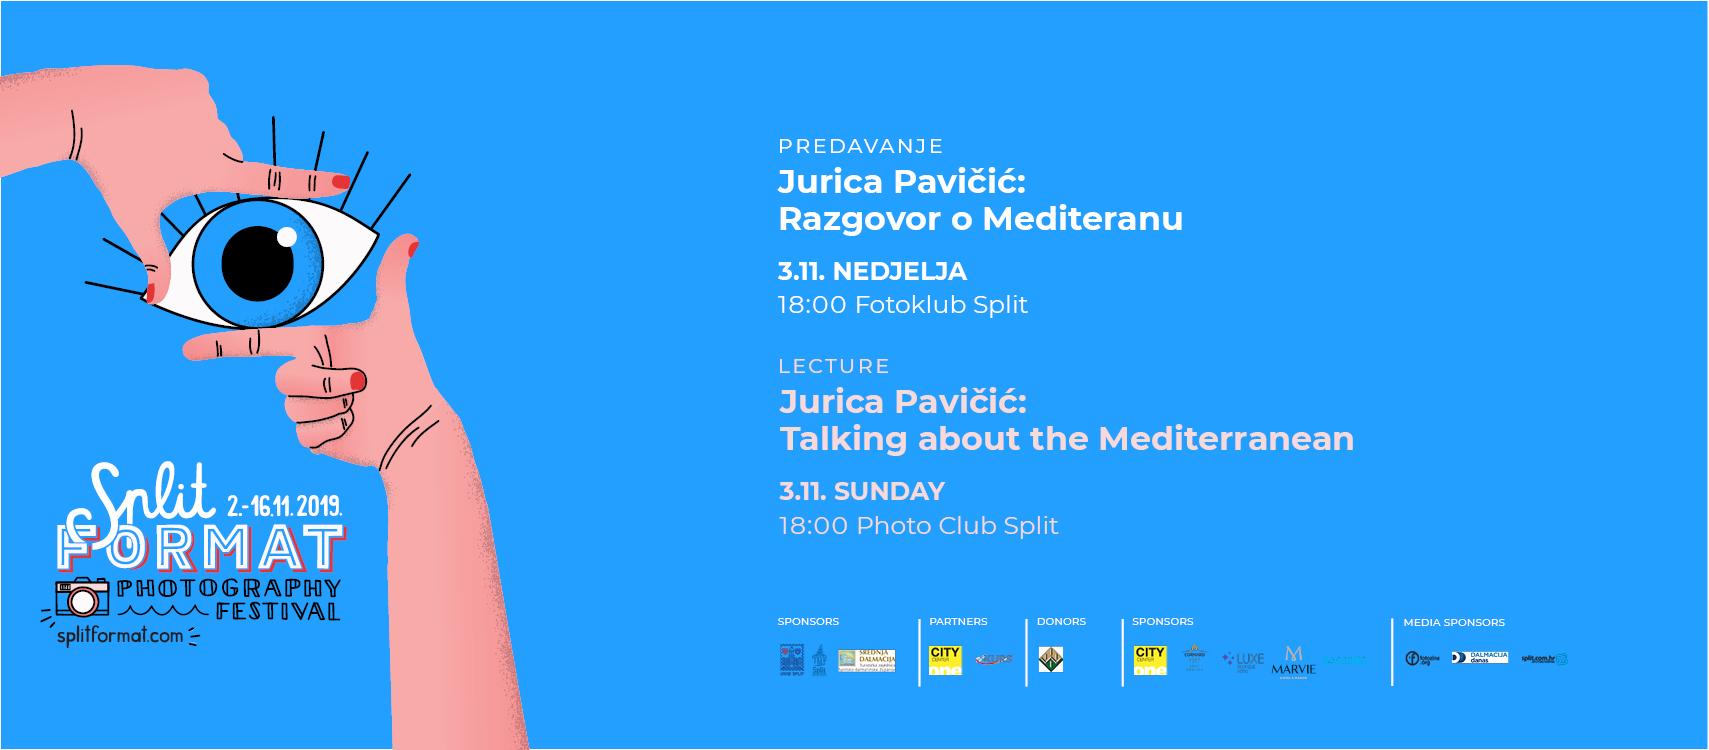 Jurica Pavičić: Razgovor o Mediteranu